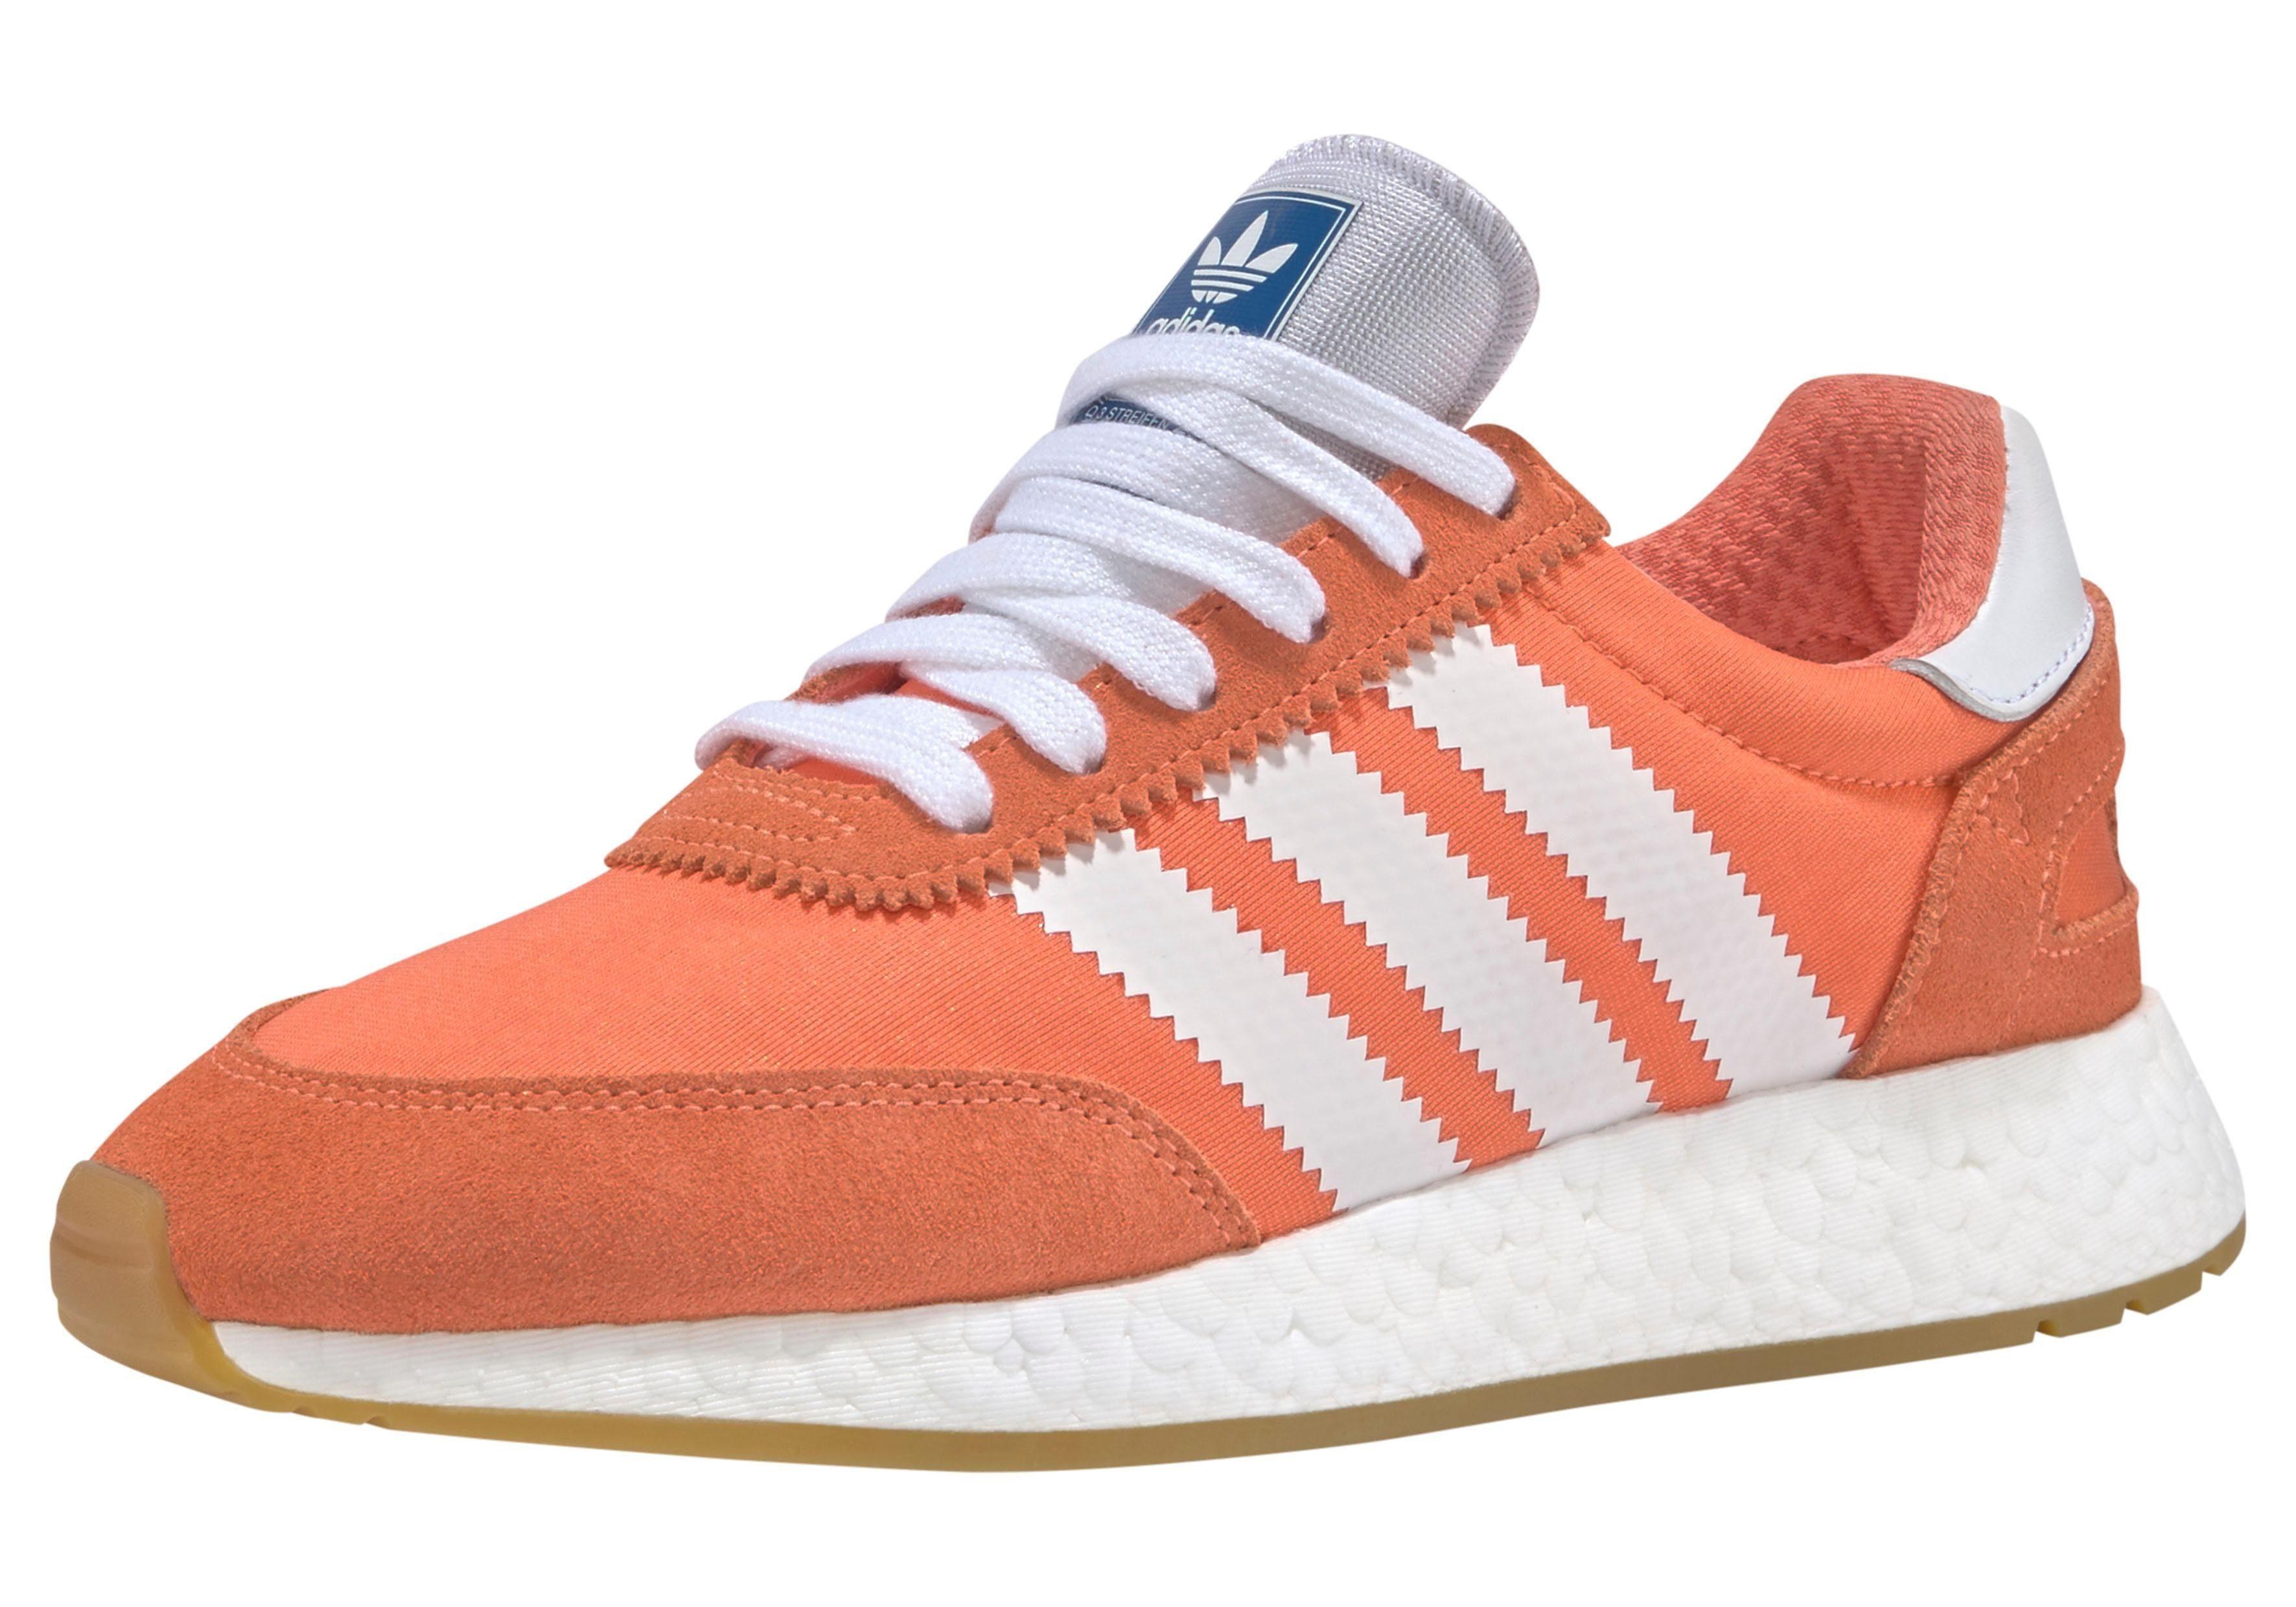 adidas Originals »I 5923 W« Sneaker, Trendiger Sneaker von adidas Originals online kaufen | OTTO